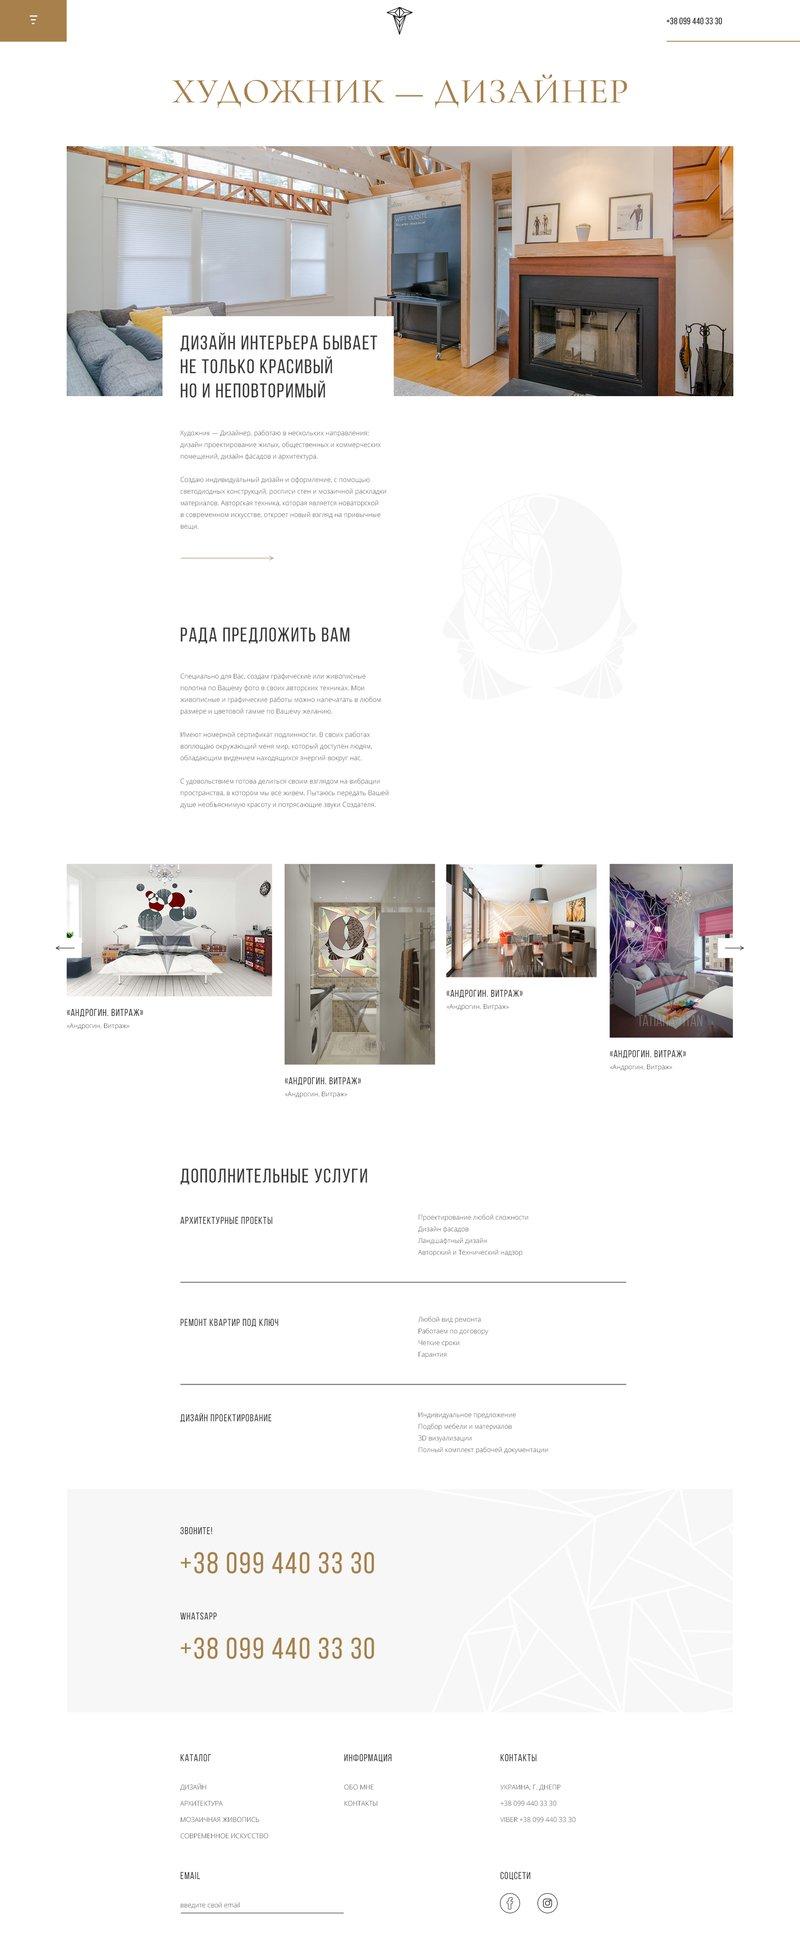 Дизайн сайта для дизайнера интерьеров – работа в портфолио фрилансера